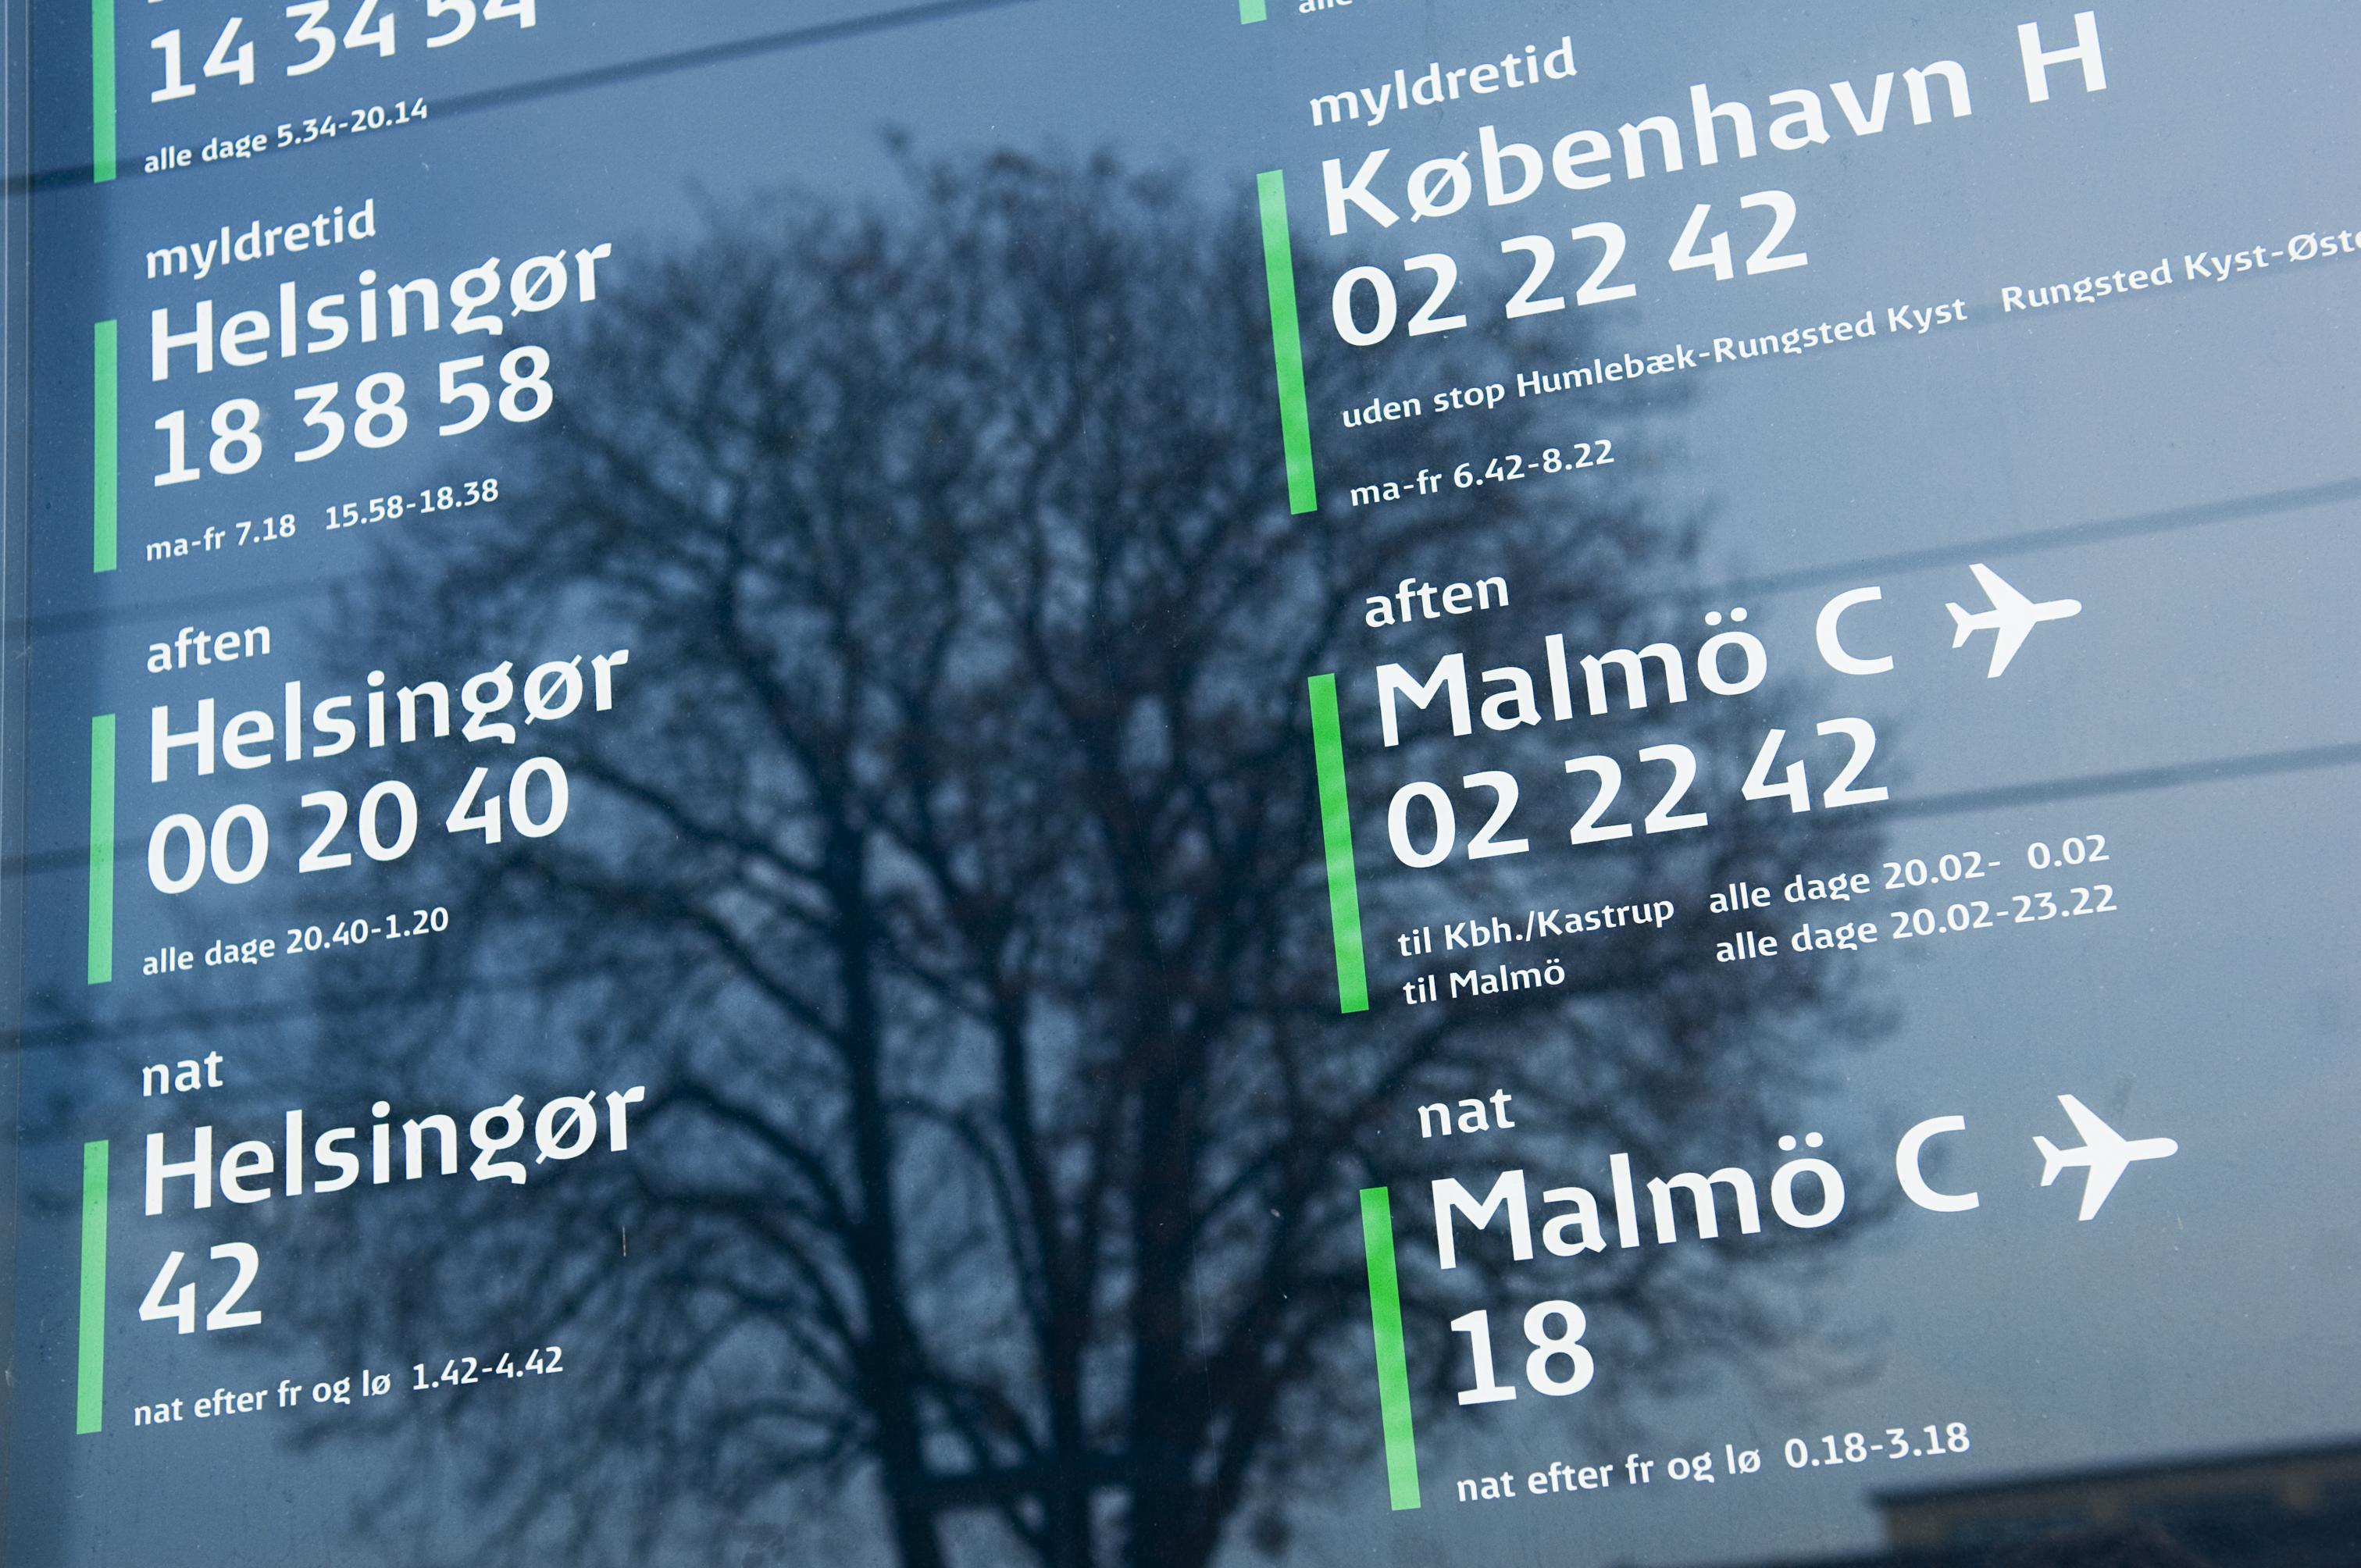 En optimistisk rejsende fra Sønderjylland havde kun afsat syv minutter fra han skulle ankomme med tog til Københavns Lufthavn inden check-in til flyet lukkede. Det gik galt. Pressefoto fra DSB, René Strandbygaard.